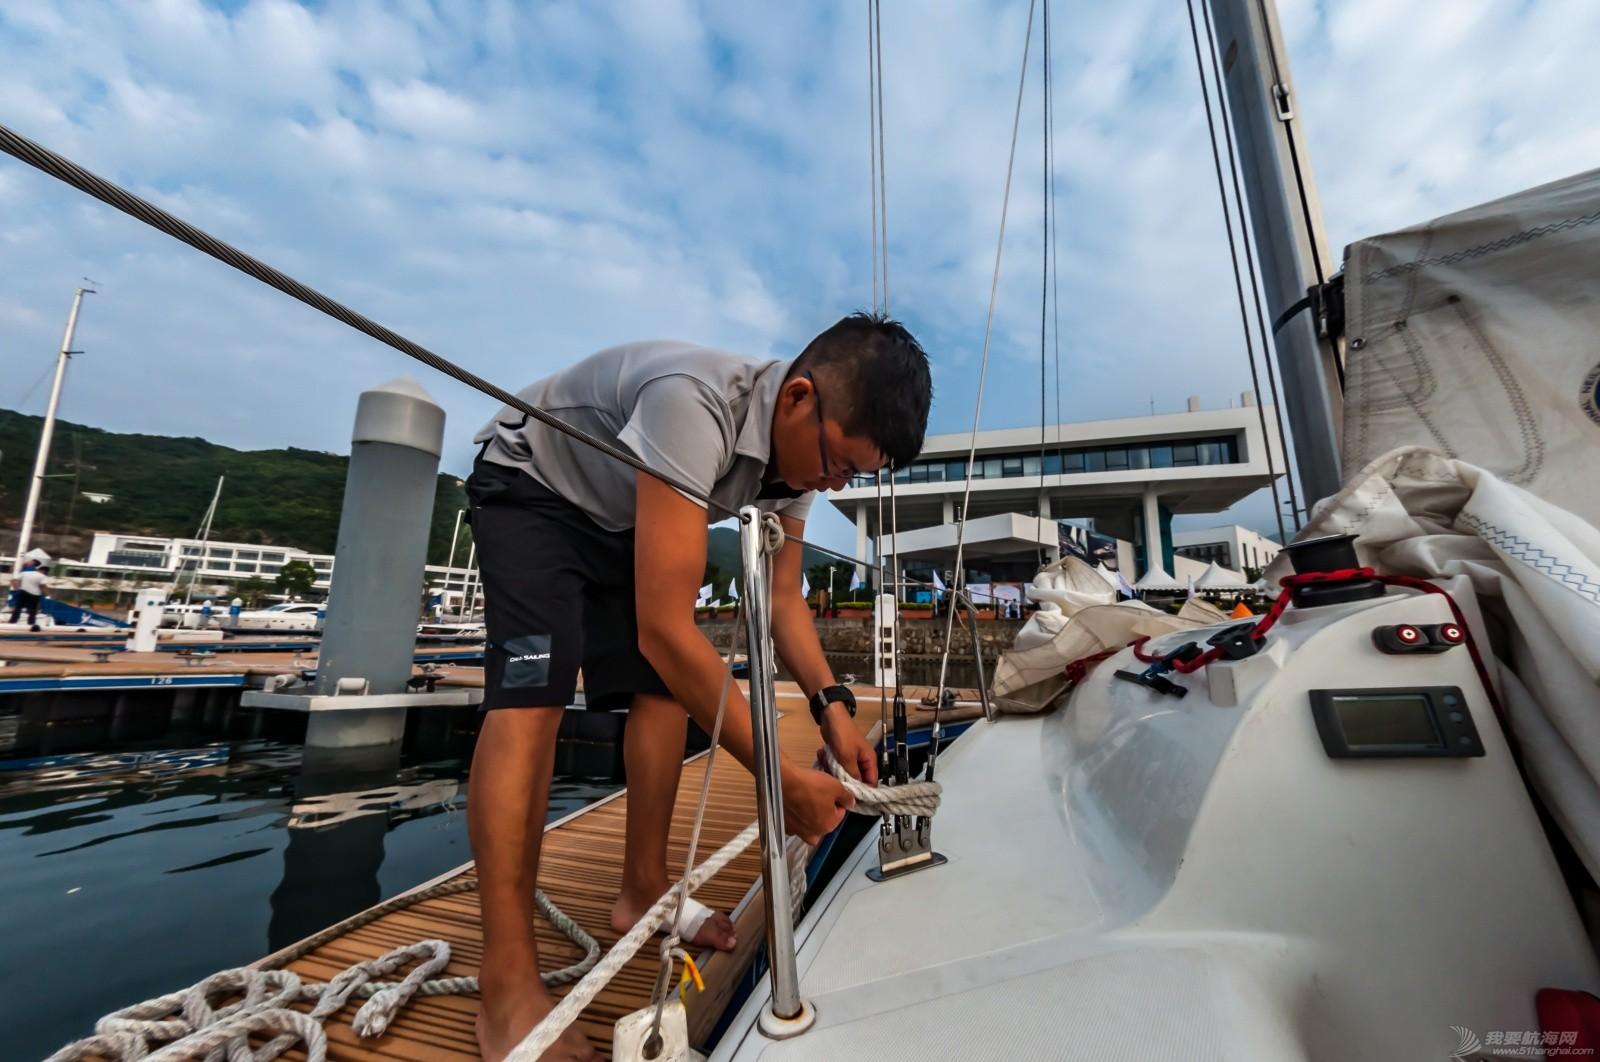 帆船 【2015大鹏杯帆船赛】鱼眼看航海 16055.jpg